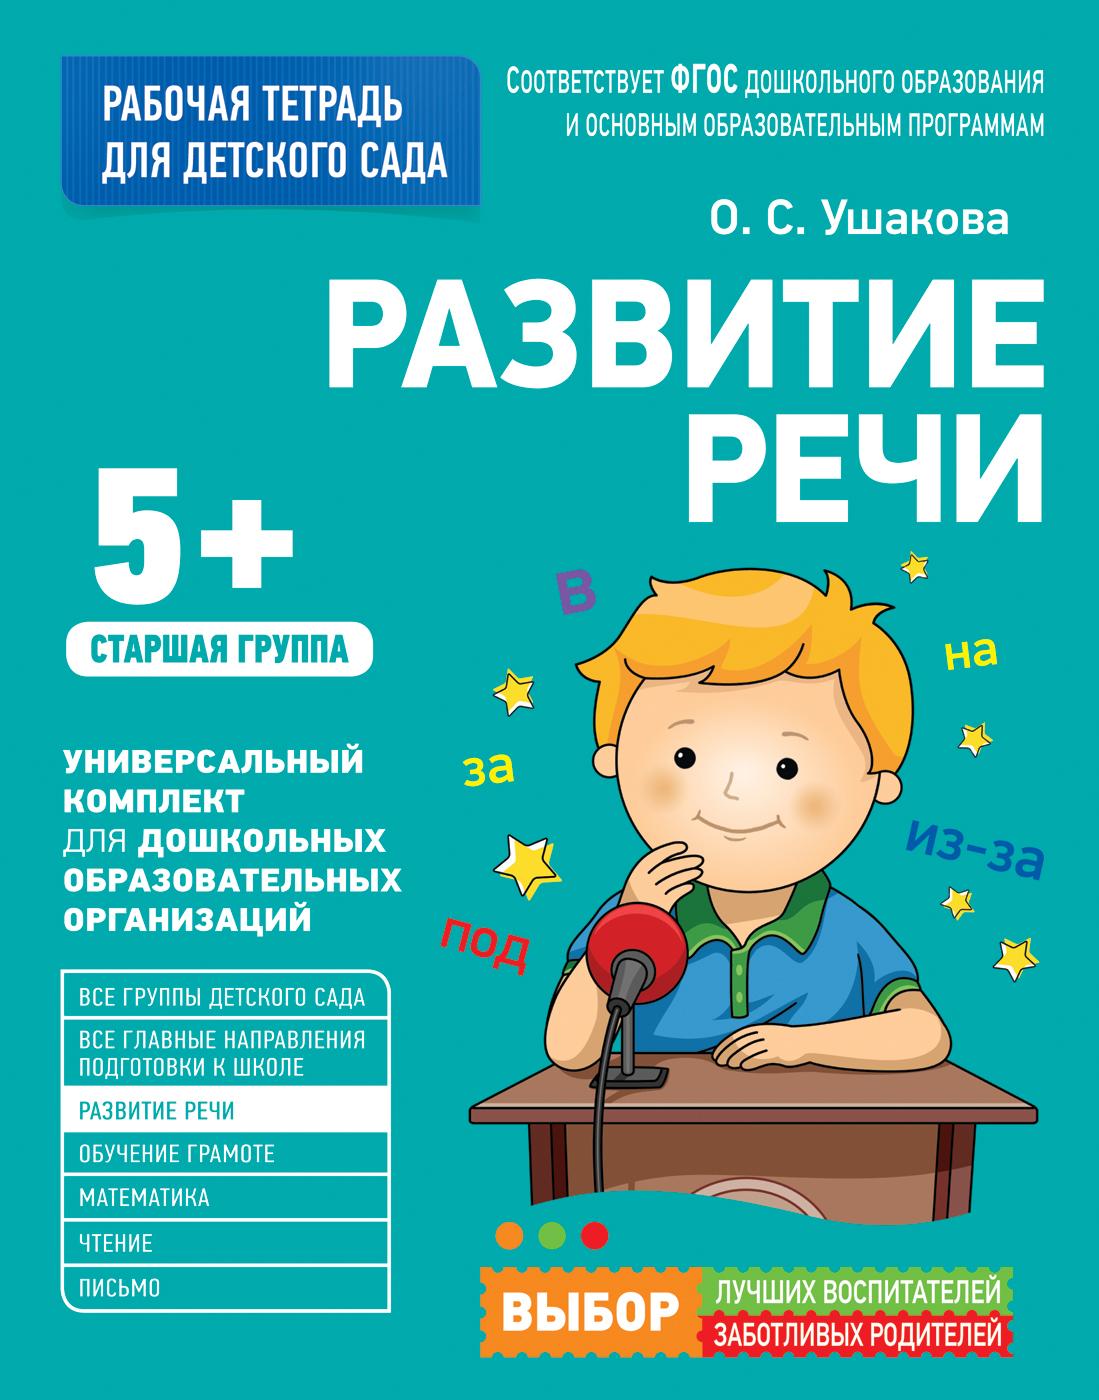 Ушакова О.С. Для детского сада. Развитие речи. Старшая группа